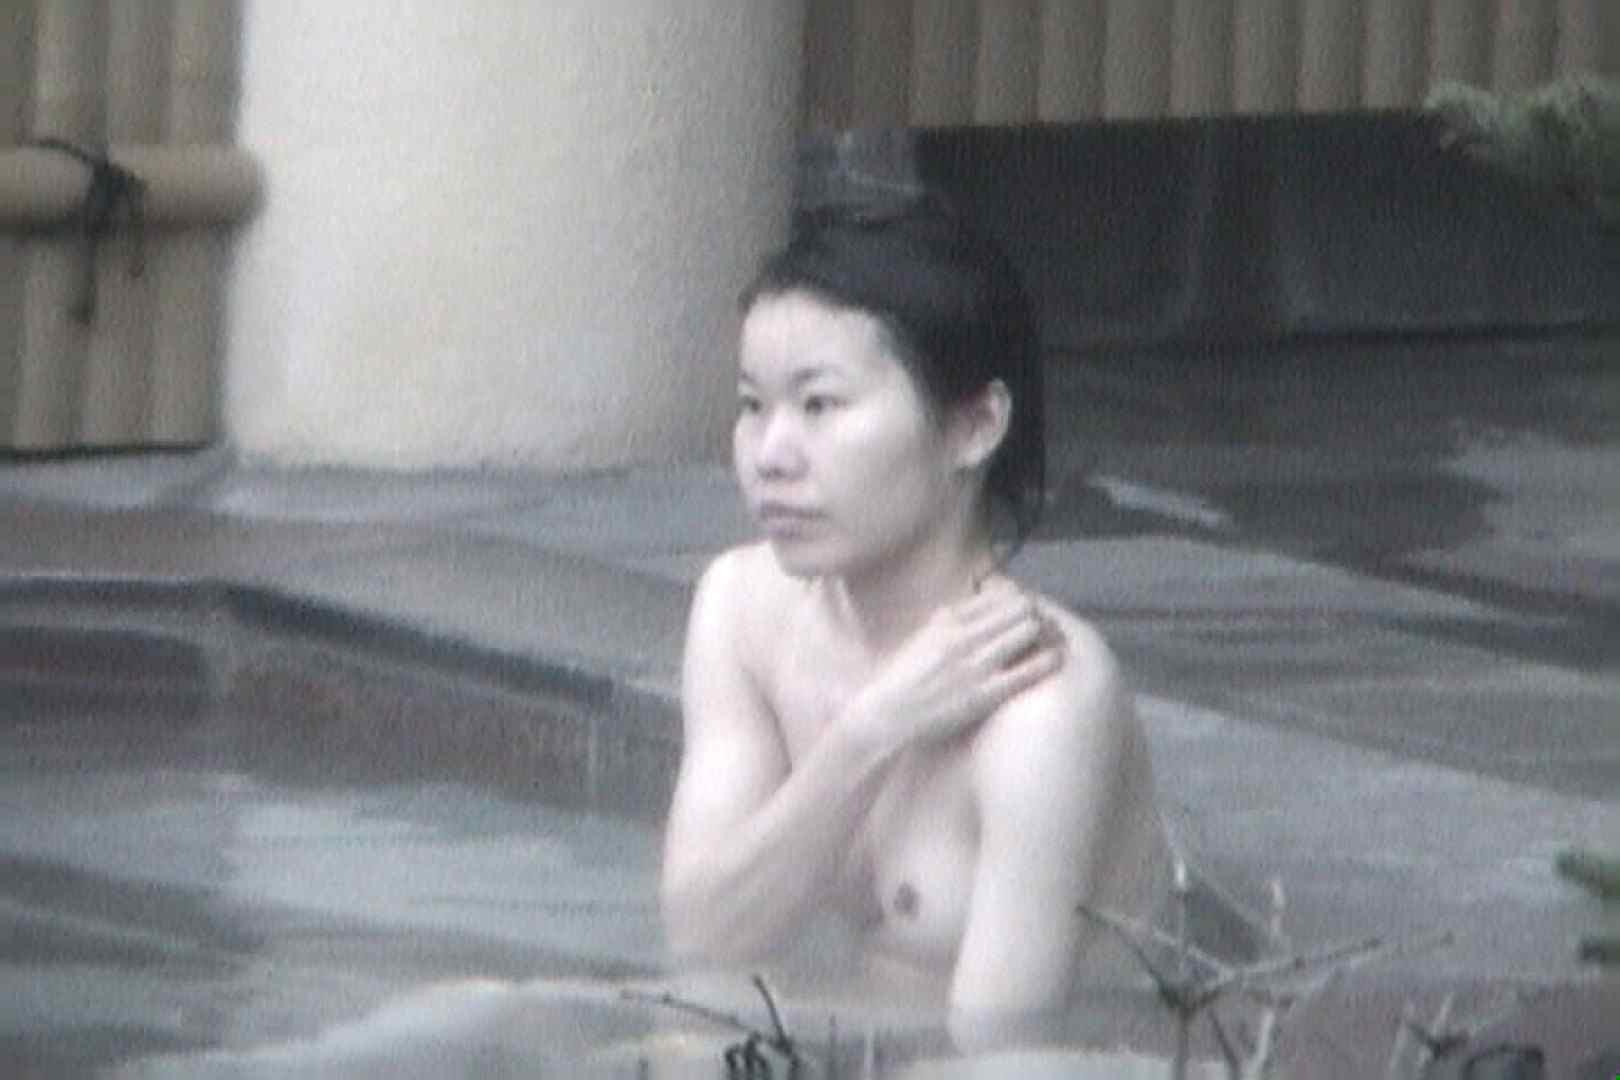 Aquaな露天風呂Vol.556 盗撮動画  11枚 6